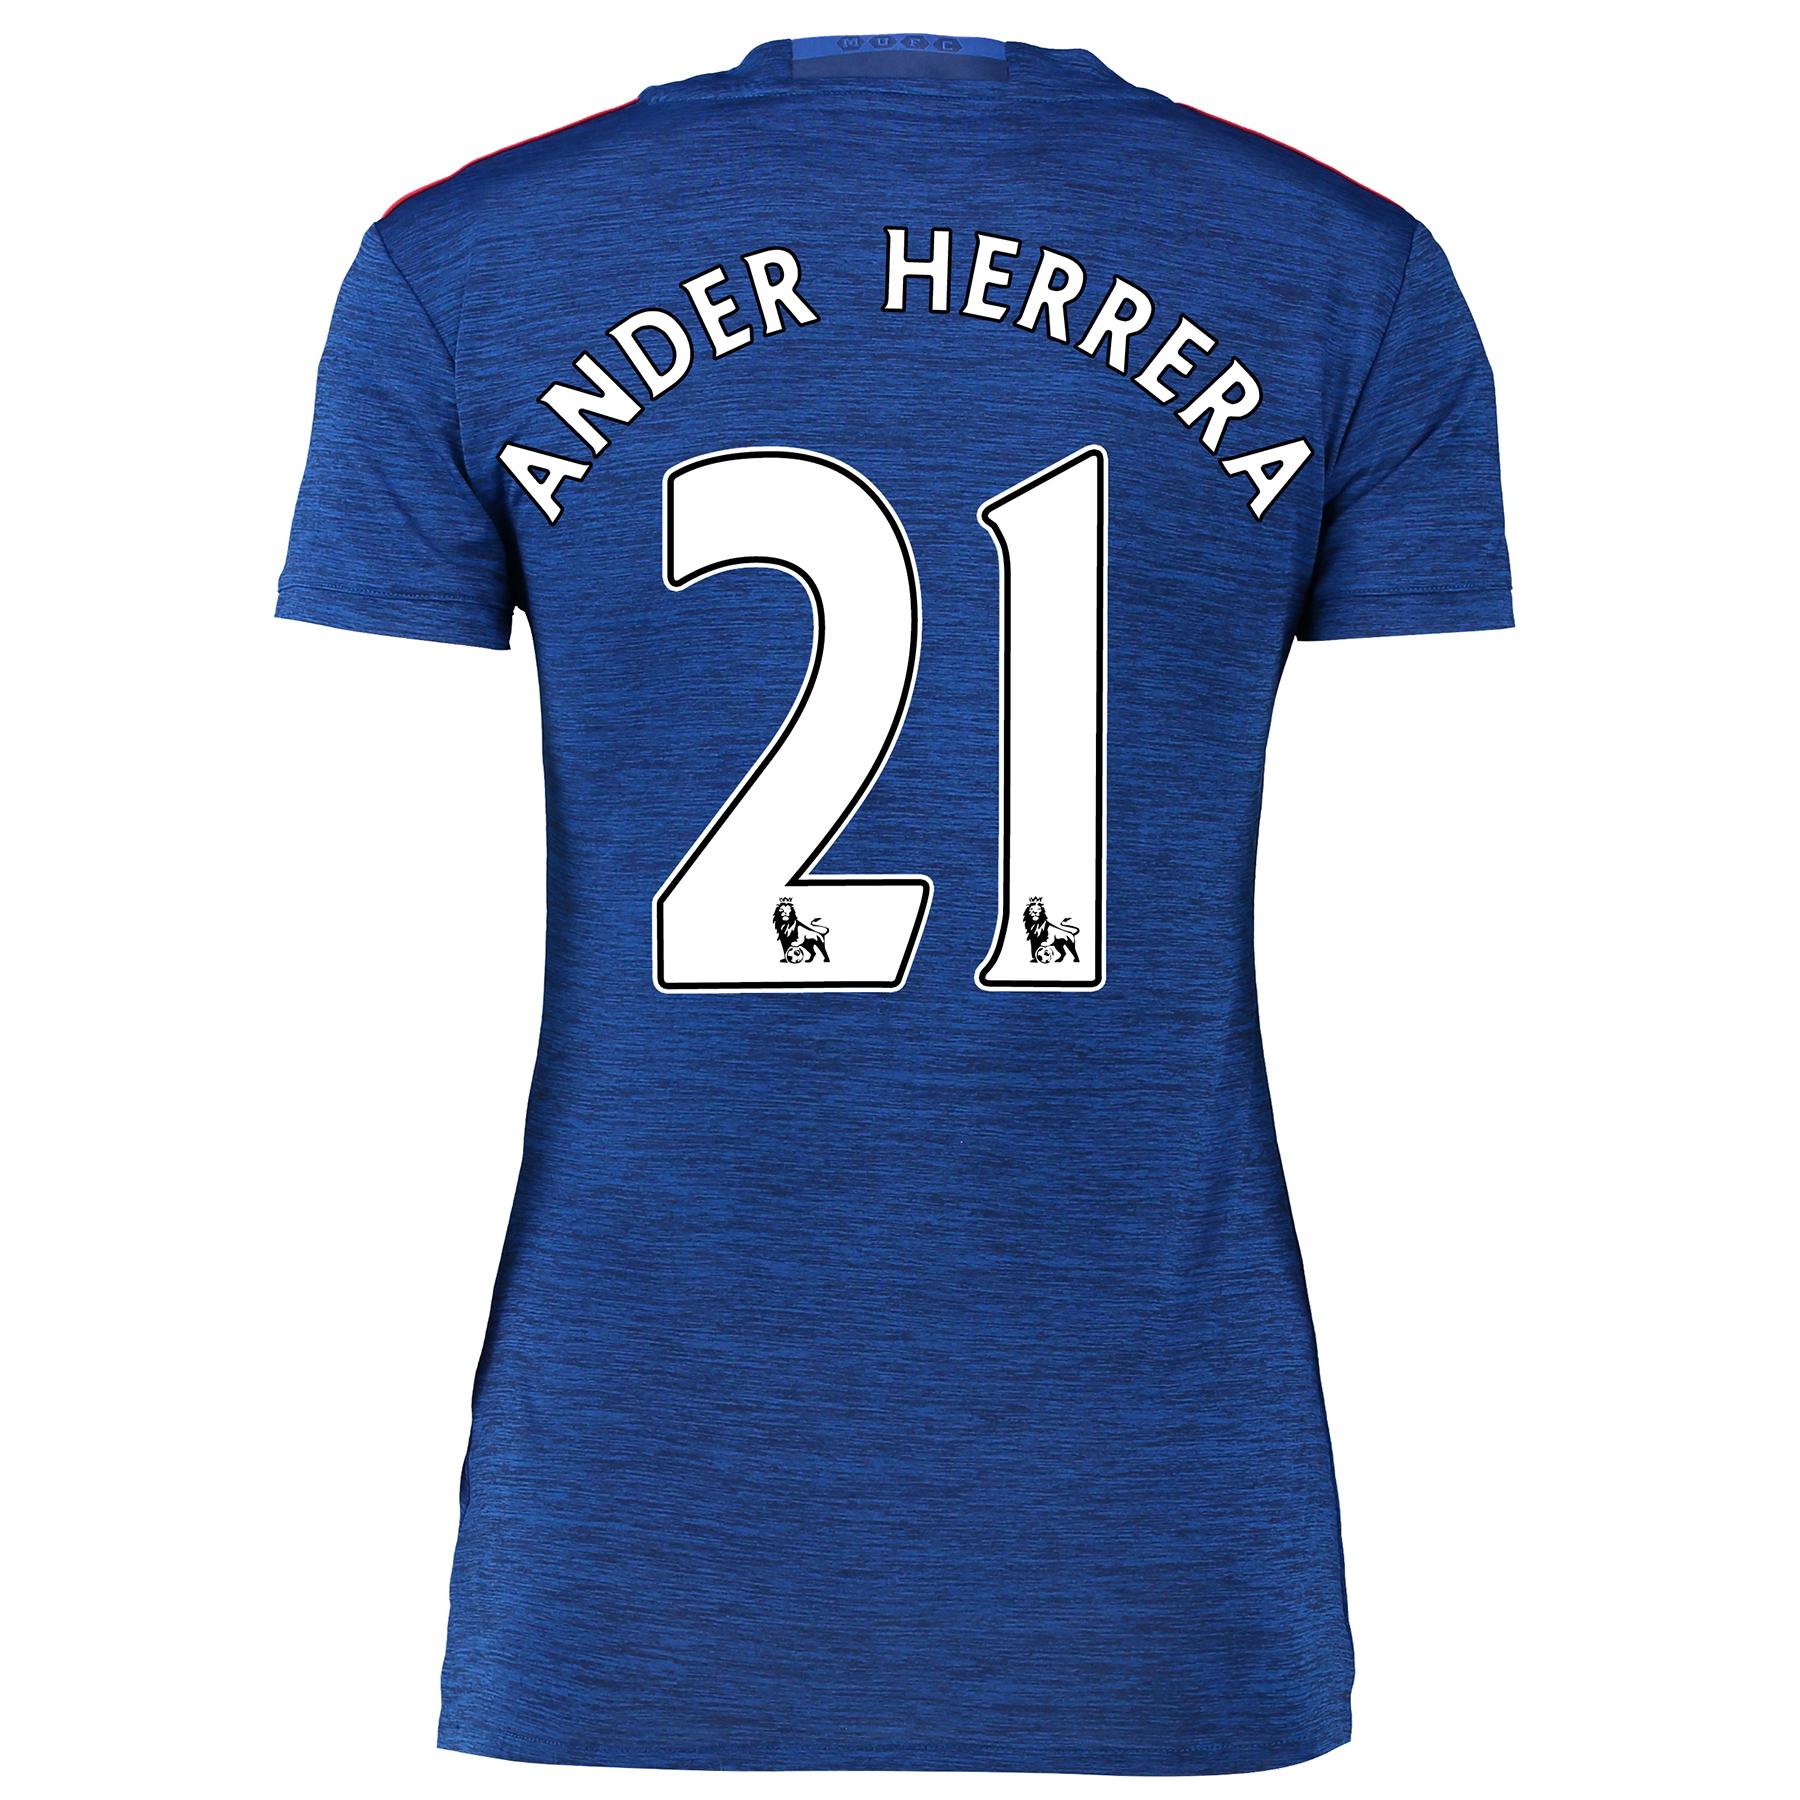 Manchester United Away Shirt 2016-17 - Womens with Herrera 21 printing